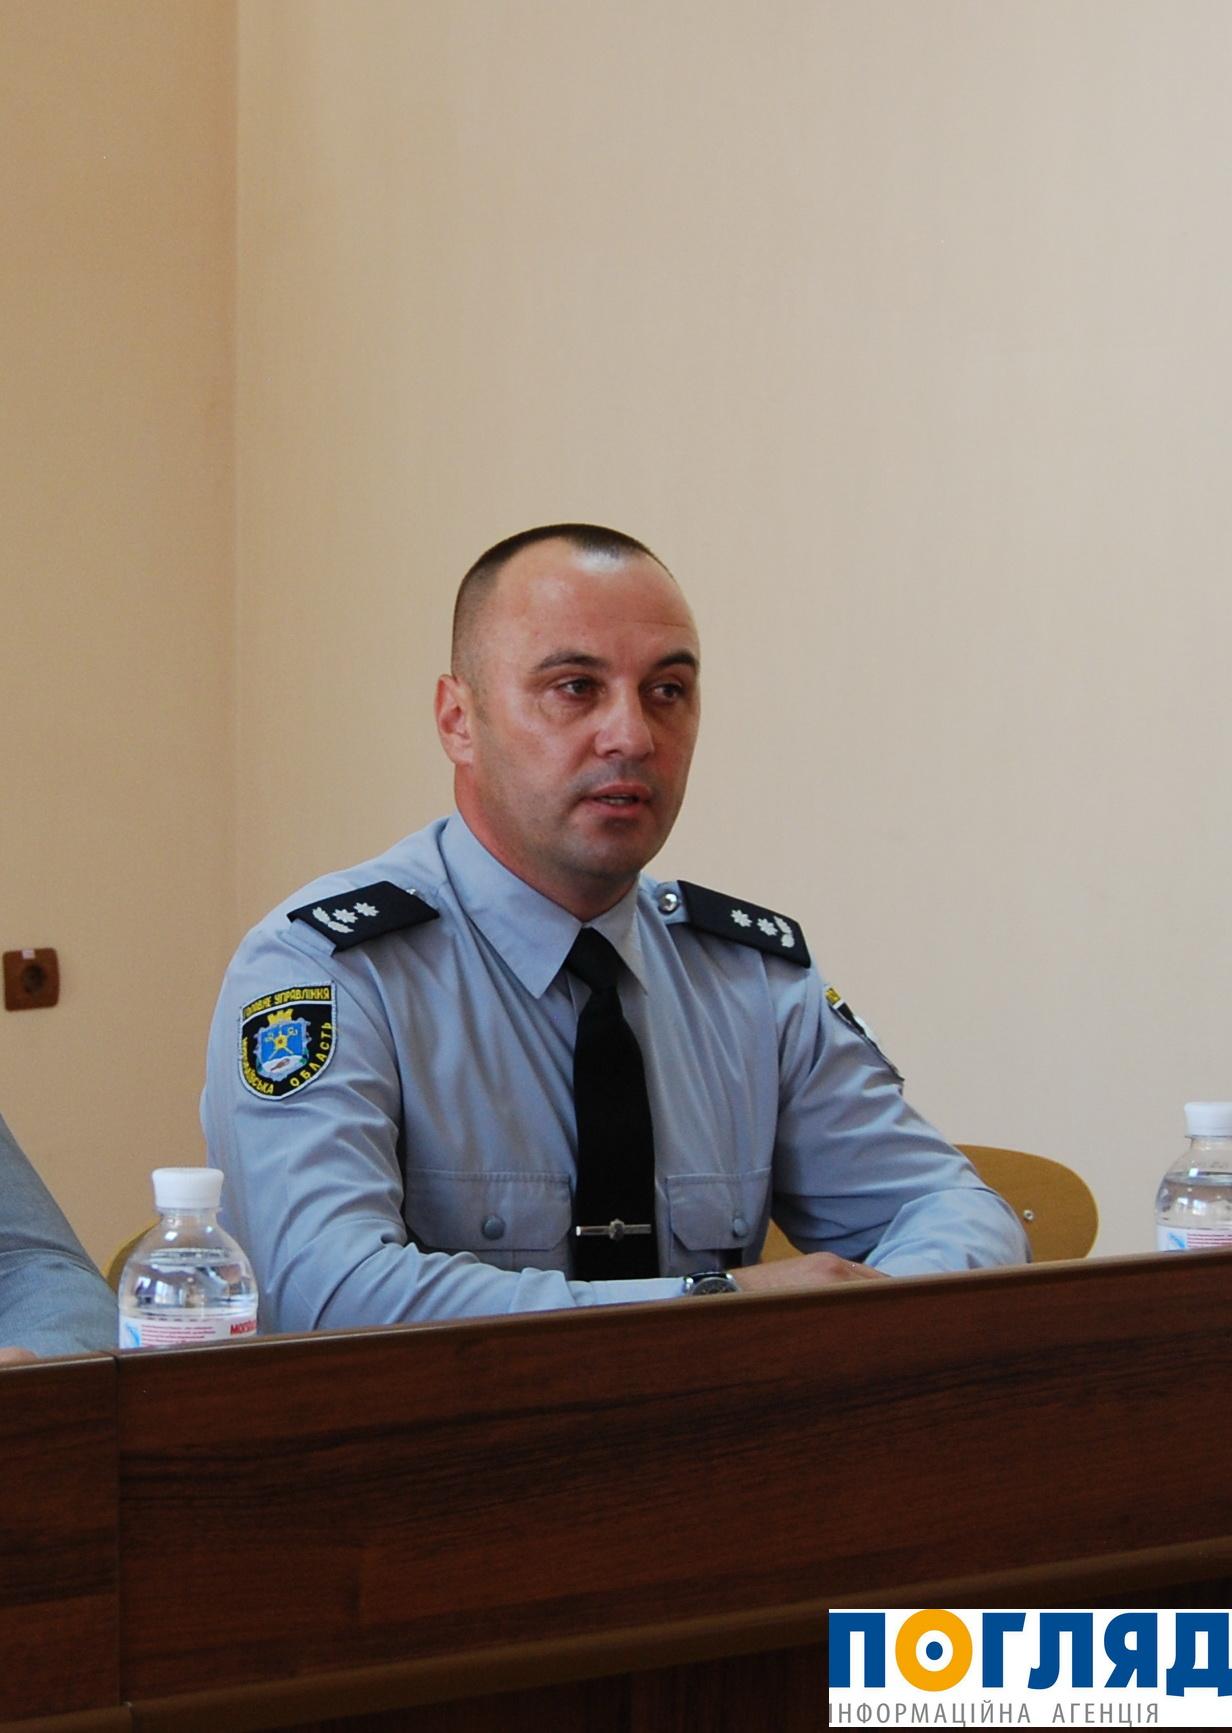 000DSC_2701 У Василькові офіційно представили нового керівника поліції